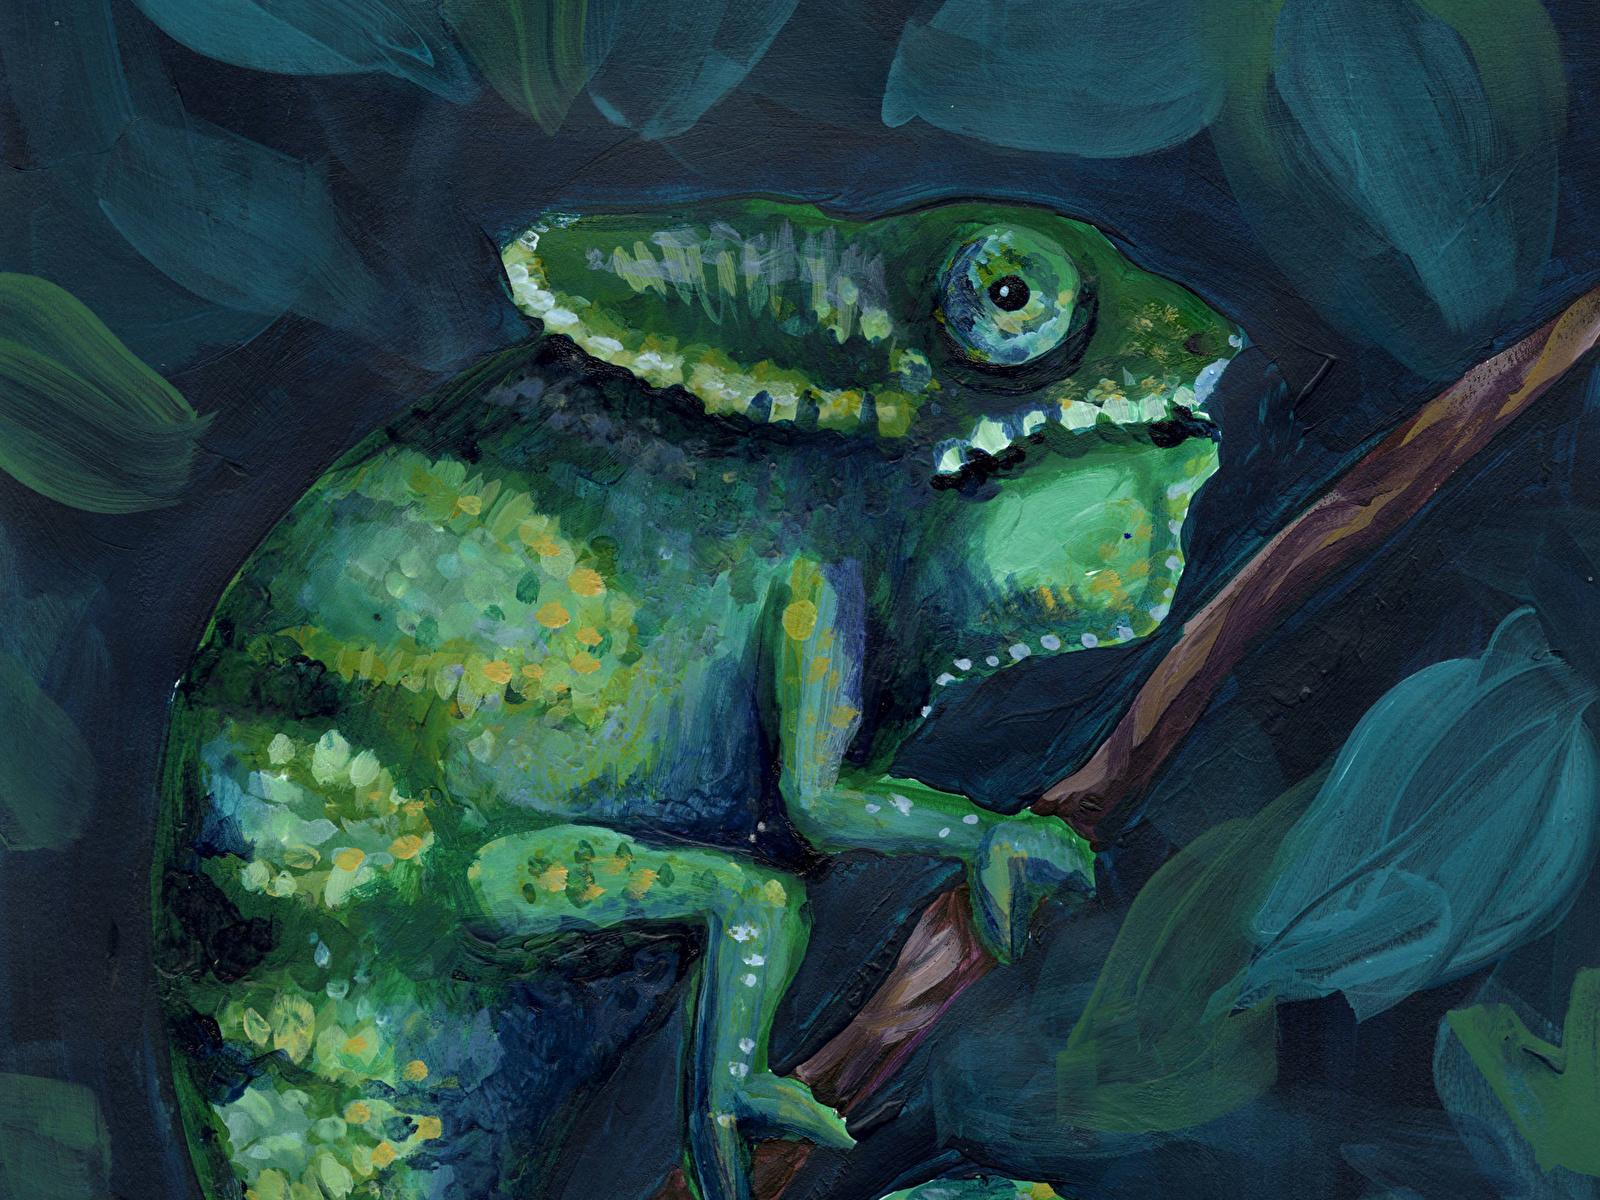 Картинка хамелеон 7